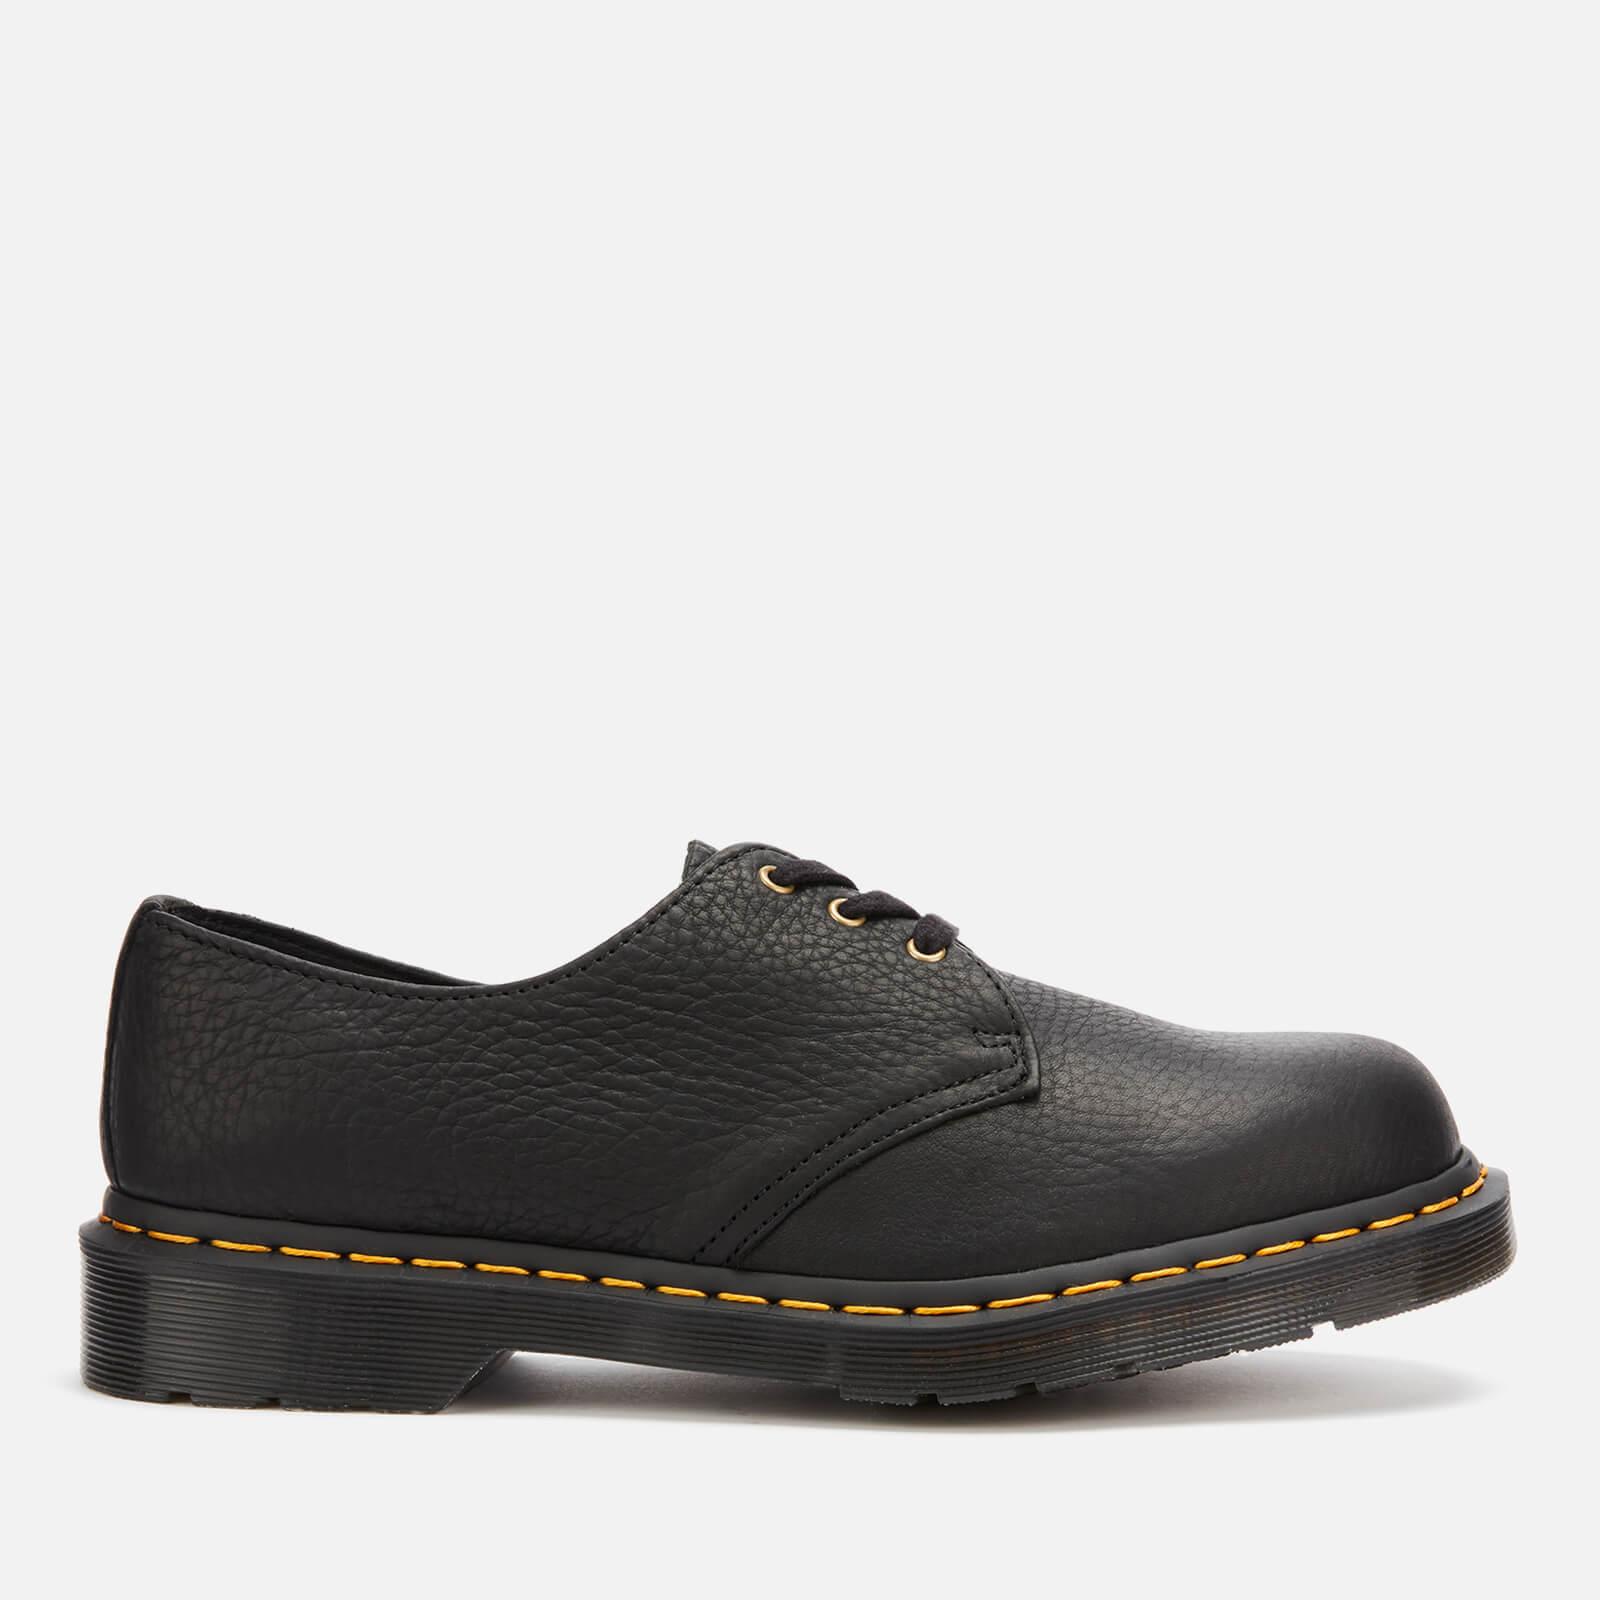 Dr. Martens Men's 1461 Ambassador Soft Leather 3-Eye Shoes - Black - UK 8 - Black